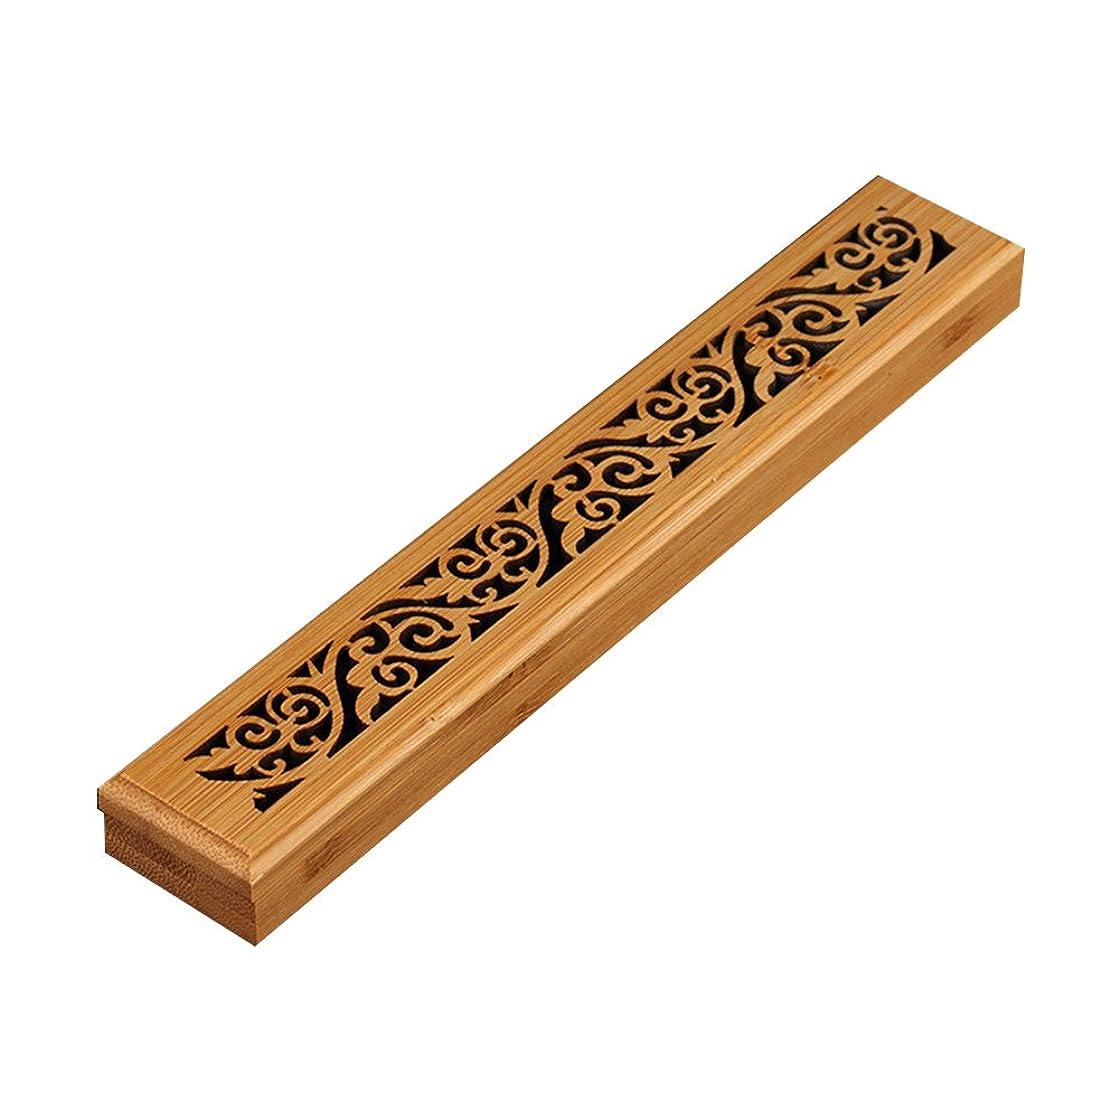 頑張るフォーマル単独でcheerfullus 2層木製お香ボックスお香スティックバーナーケースストレージボックス cheerfullus-234